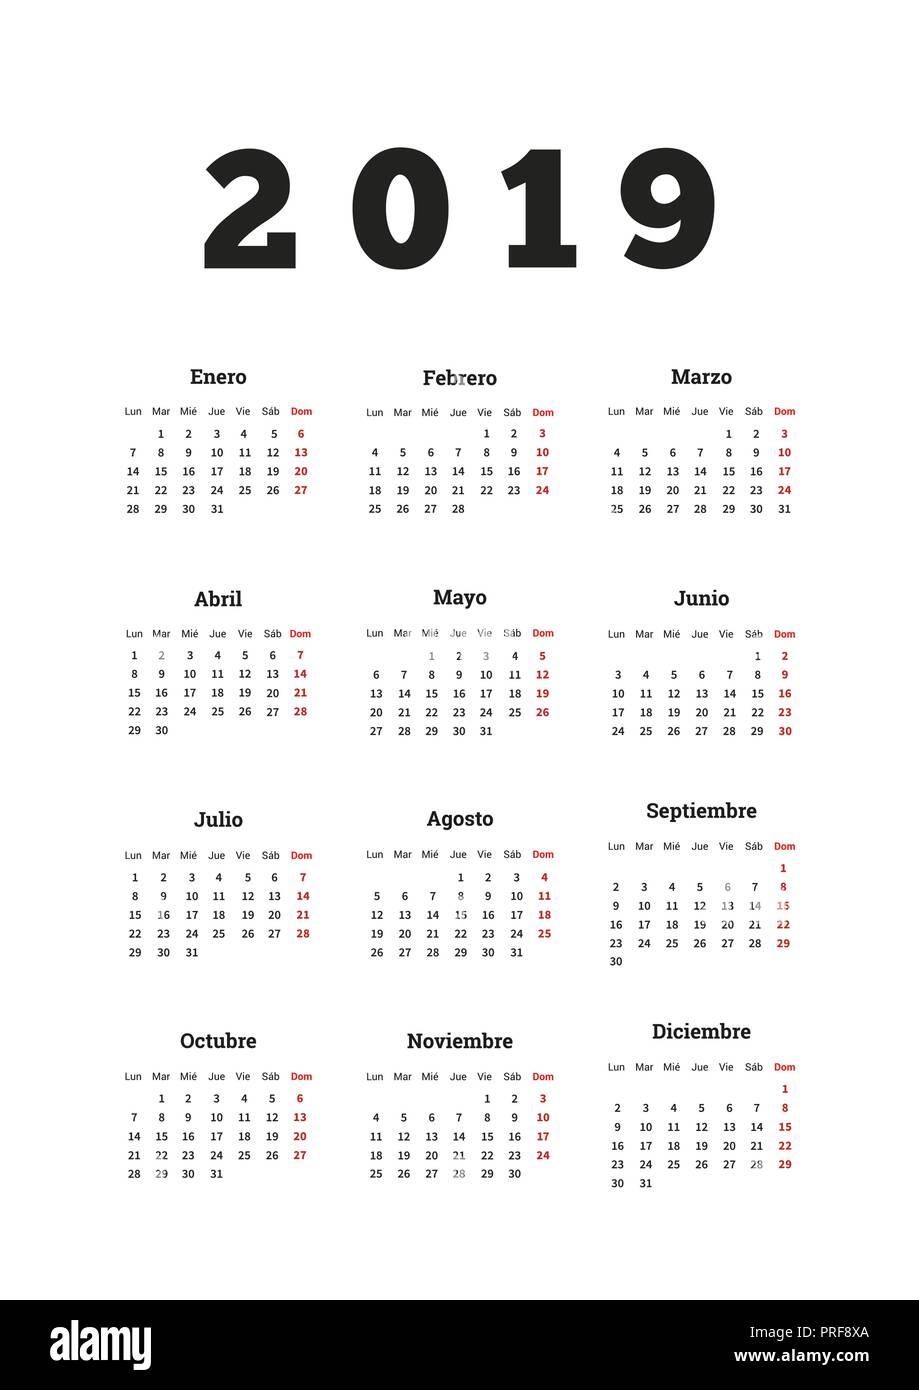 Calendario Spagnolo.2019 Anno Di Calendario Semplice In Spagnolo A4 Foglio